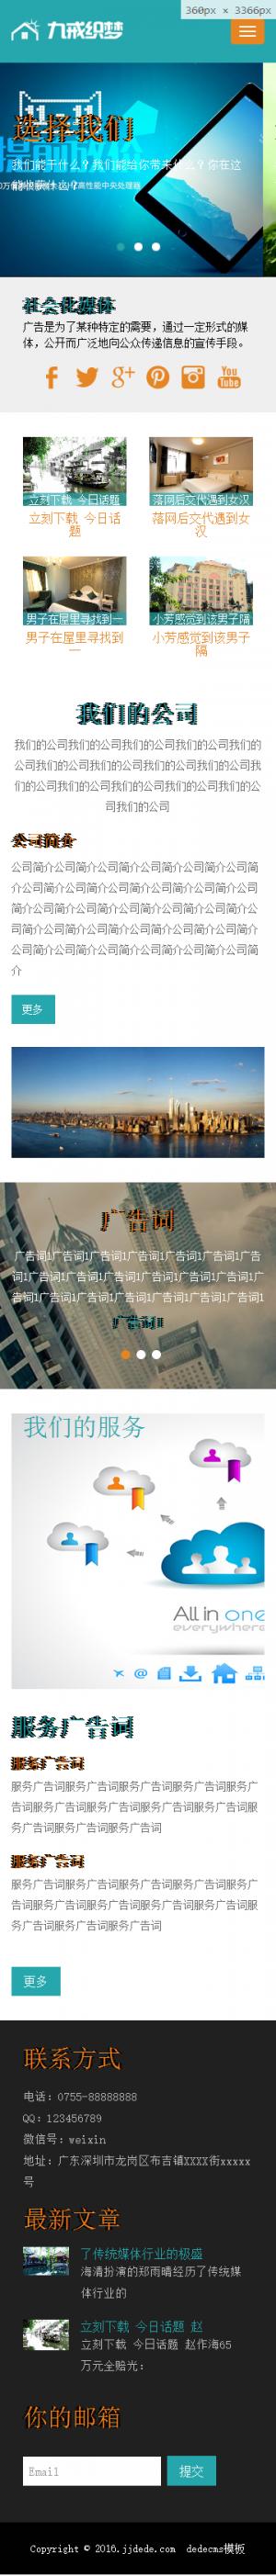 响应式通用服务性公司网站织梦模板(自适应设备)手机端演示